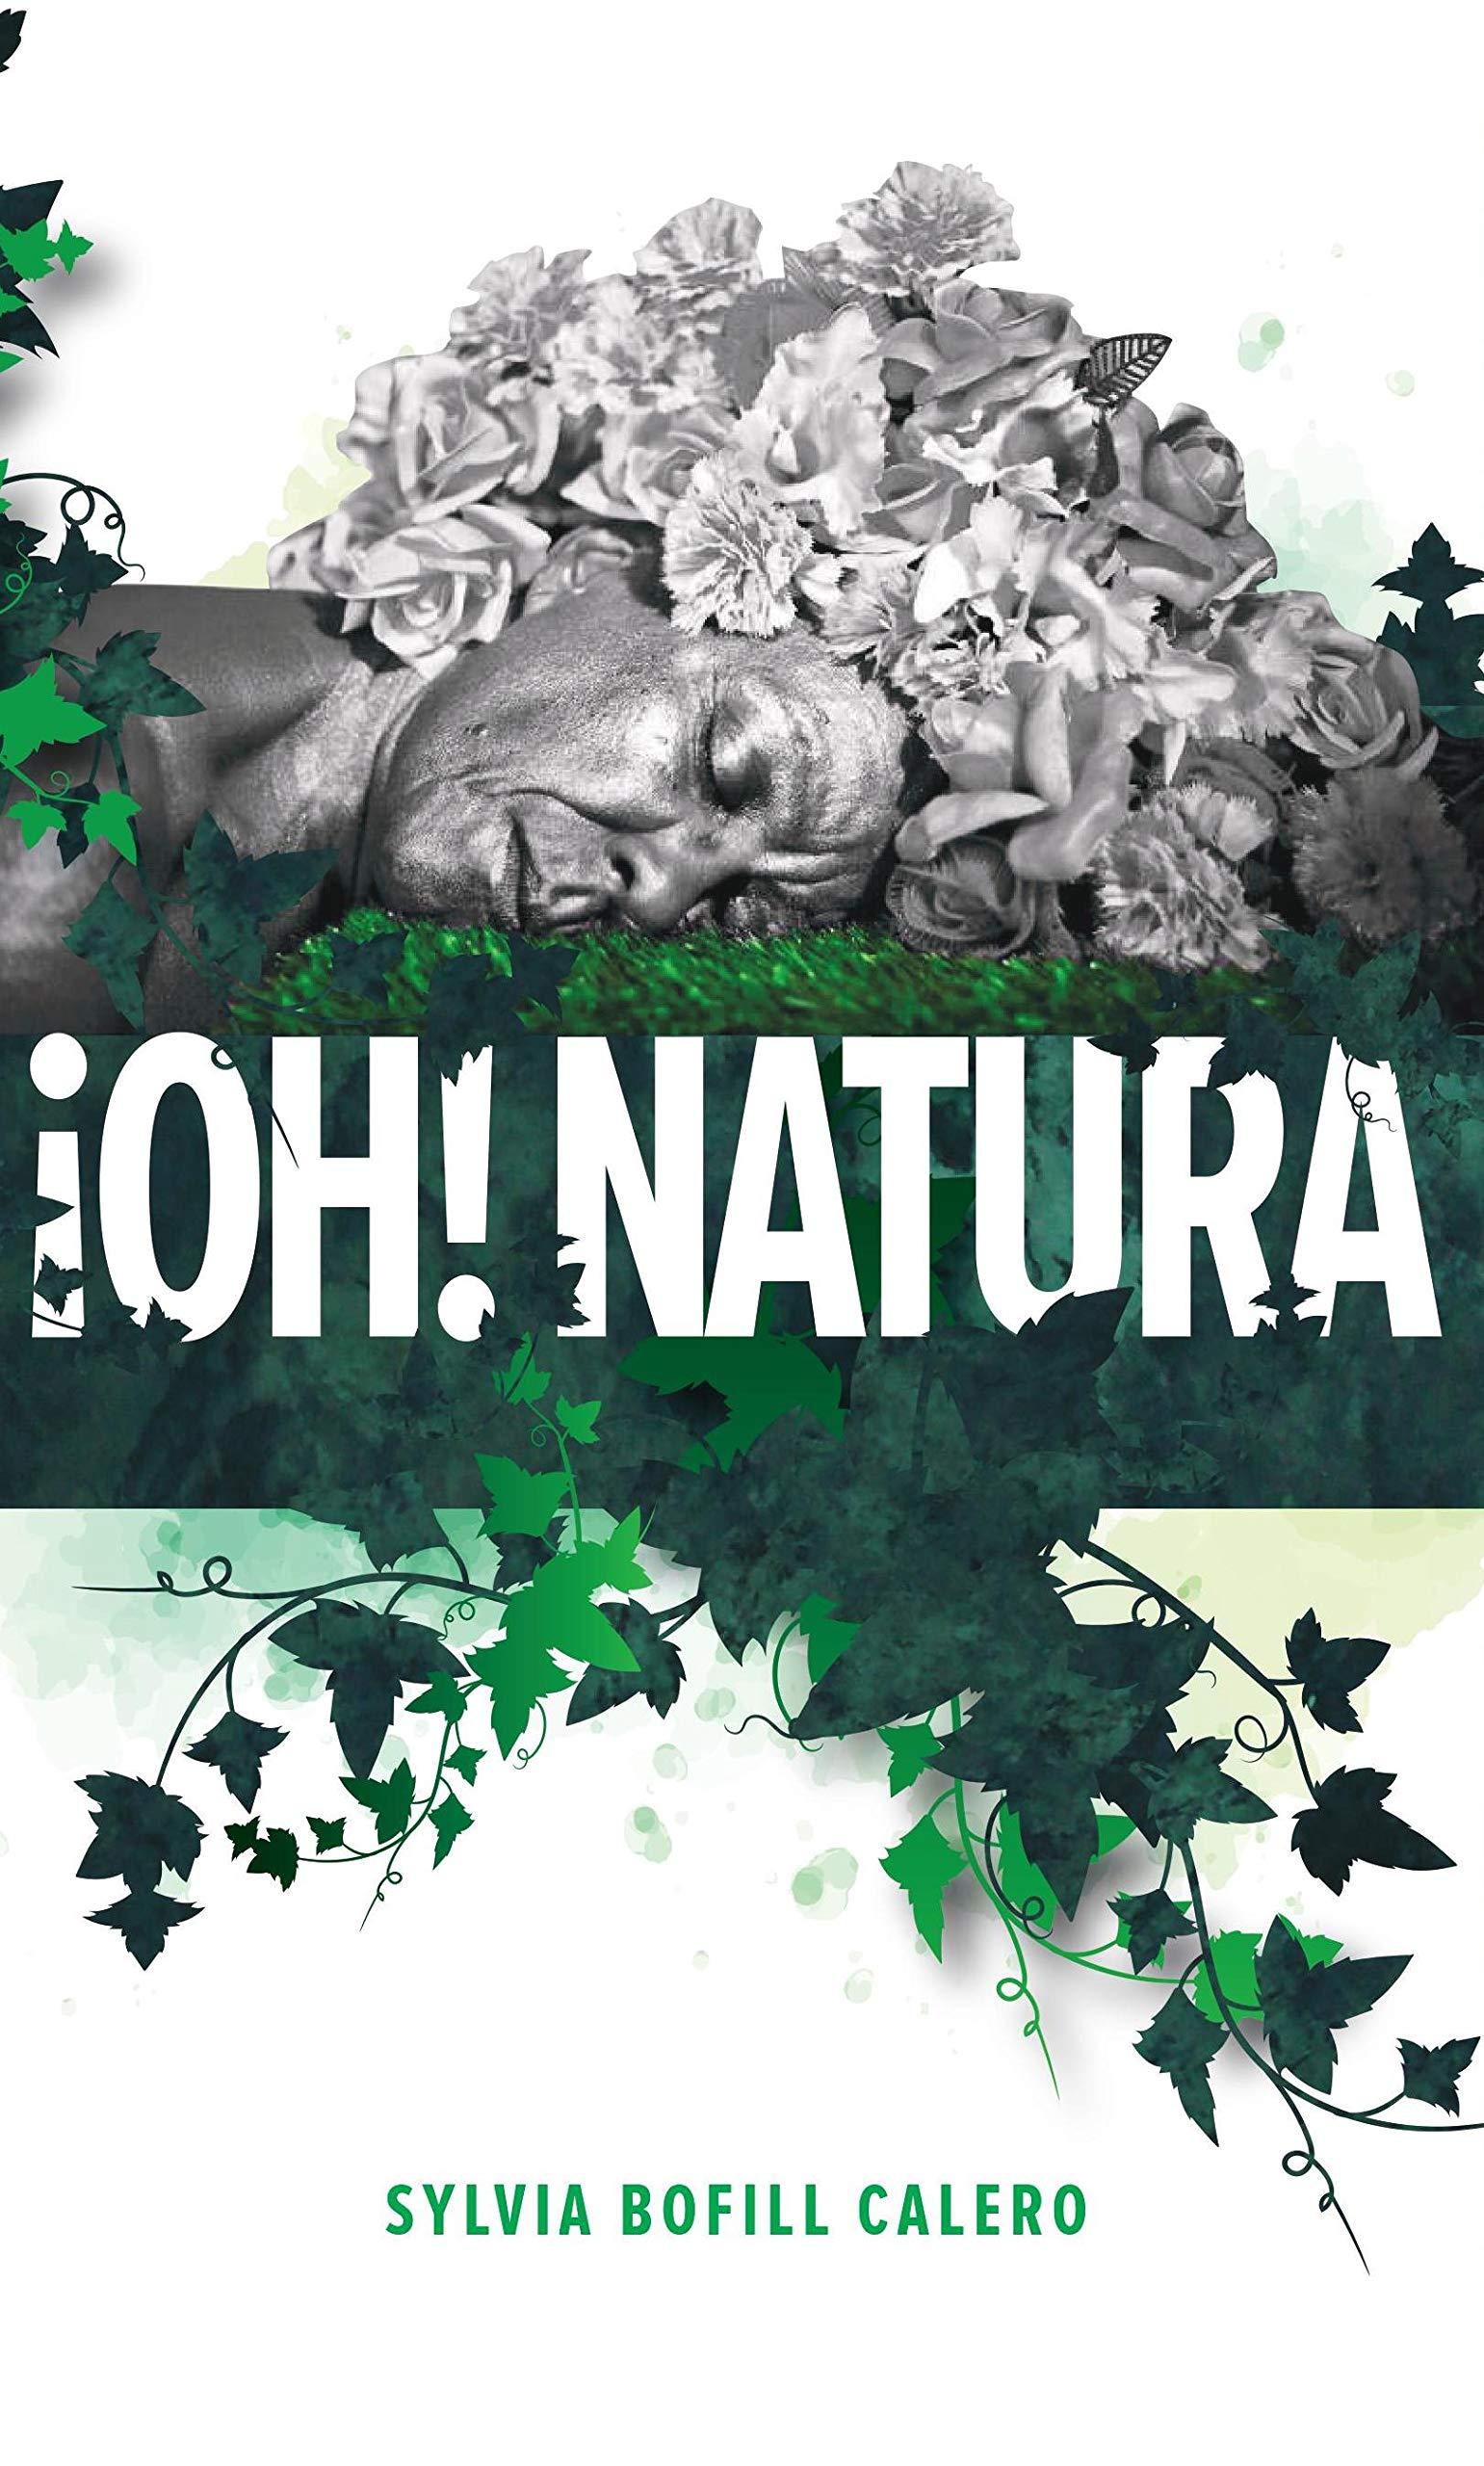 Oh! Natura: Sylvia Bofill Calero: 9781532384509: Amazon.com: Books